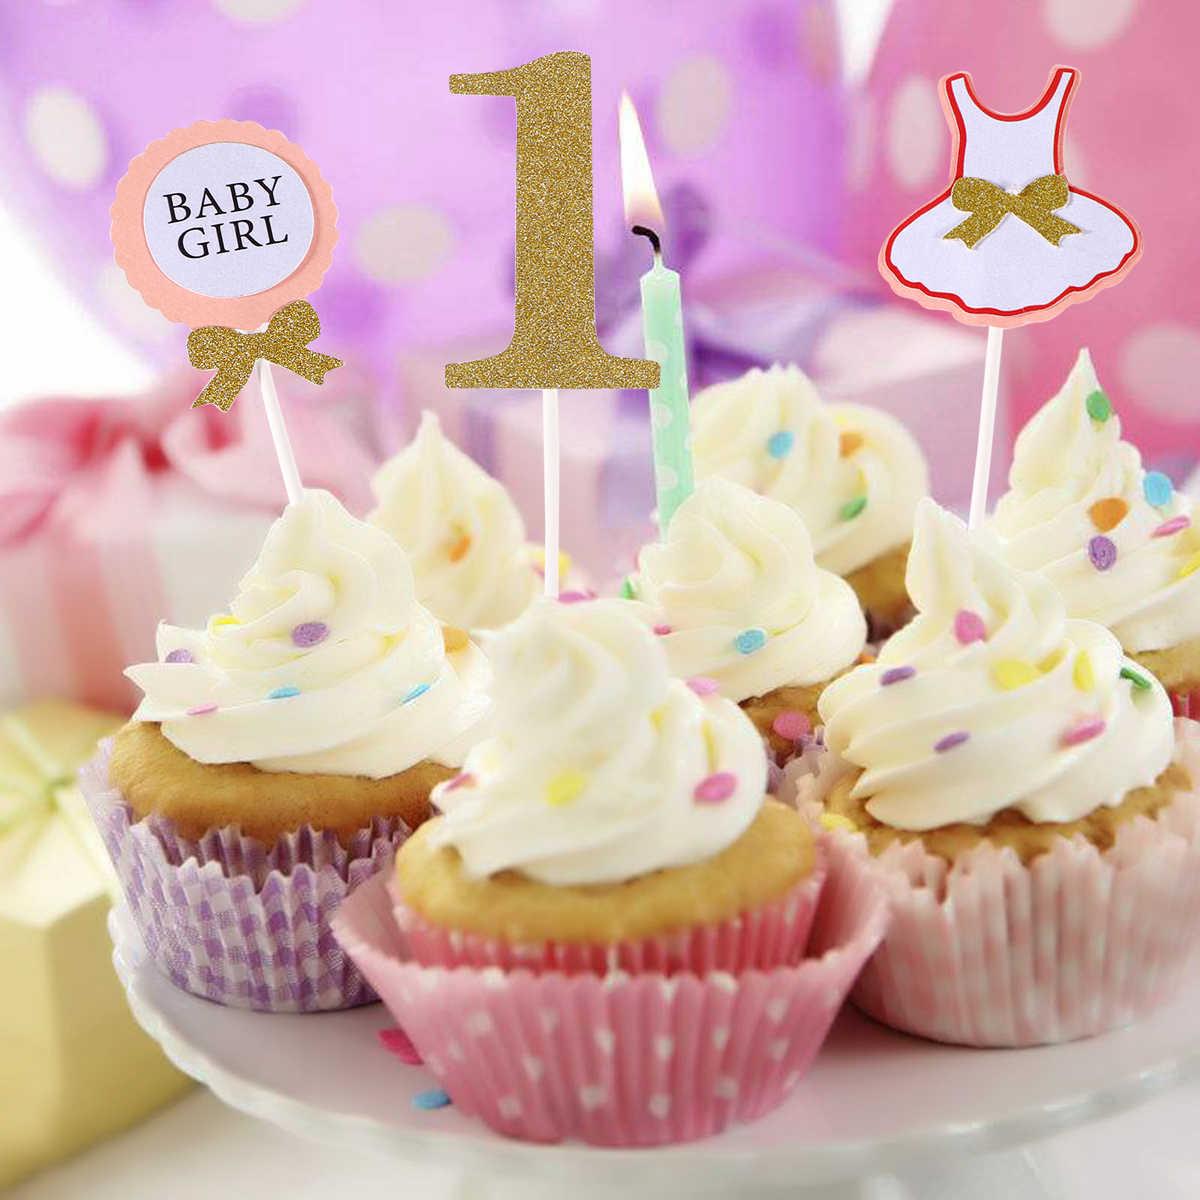 3 Pcs Cake Topper Bendera Bayi Anak Laki Laki Anak Perempuan 1 Tahun Usia Selamat Ulang Tahun Kue Untuk Kue Dekorasi Pesta